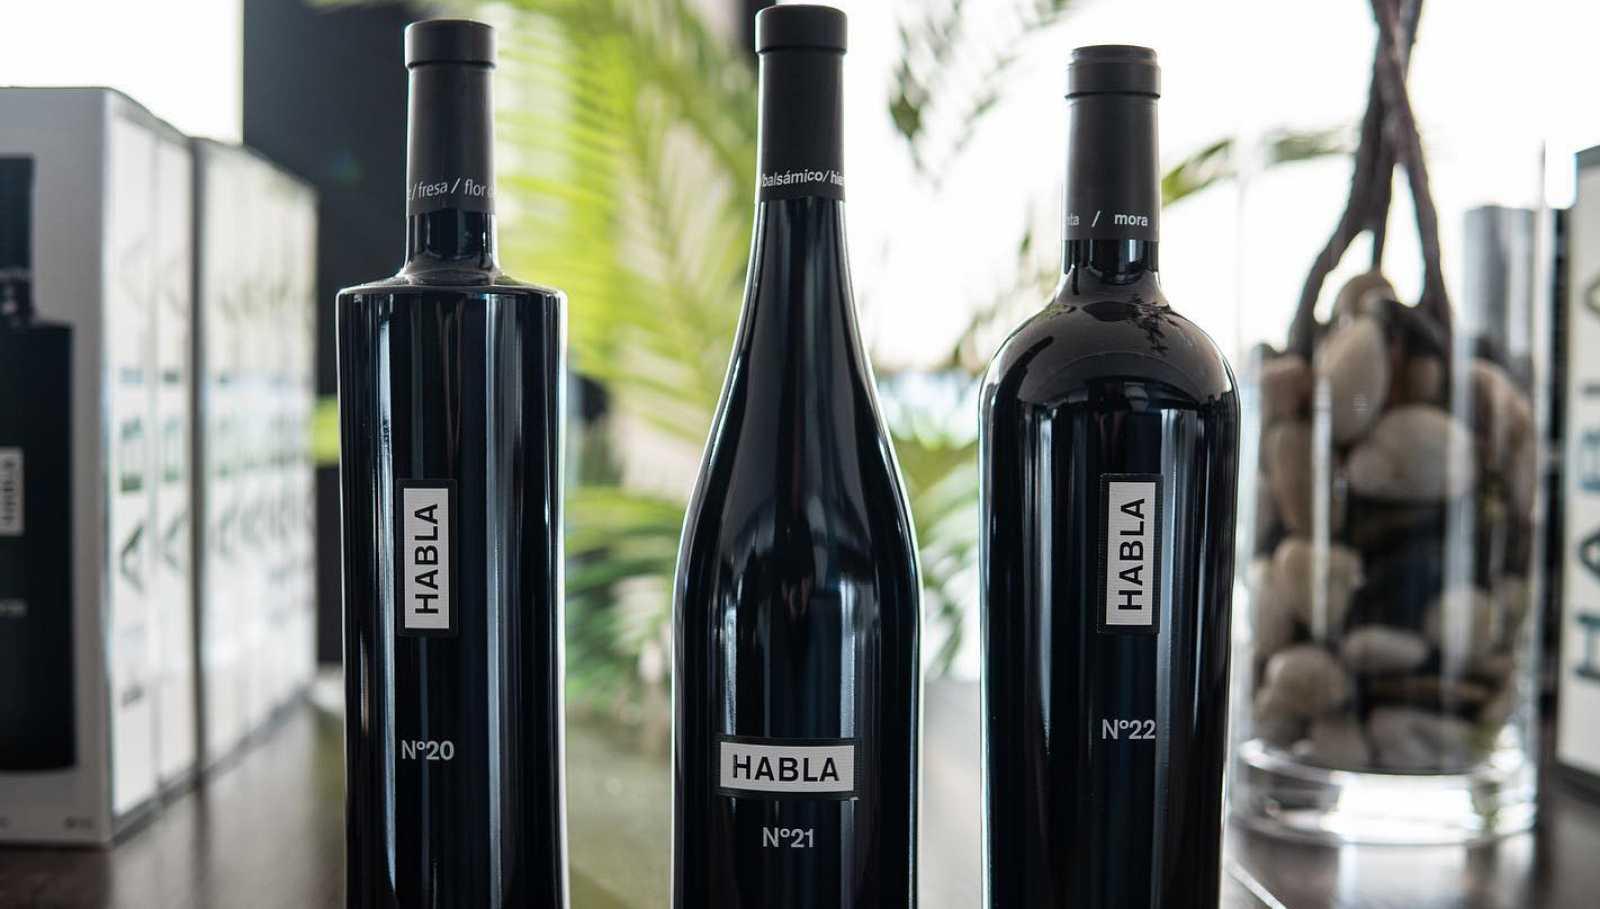 En clave Turismo - Bodegas Habla, mejor bodega del año en la London Wine Competition - 30/04/21 - escuchar ahora